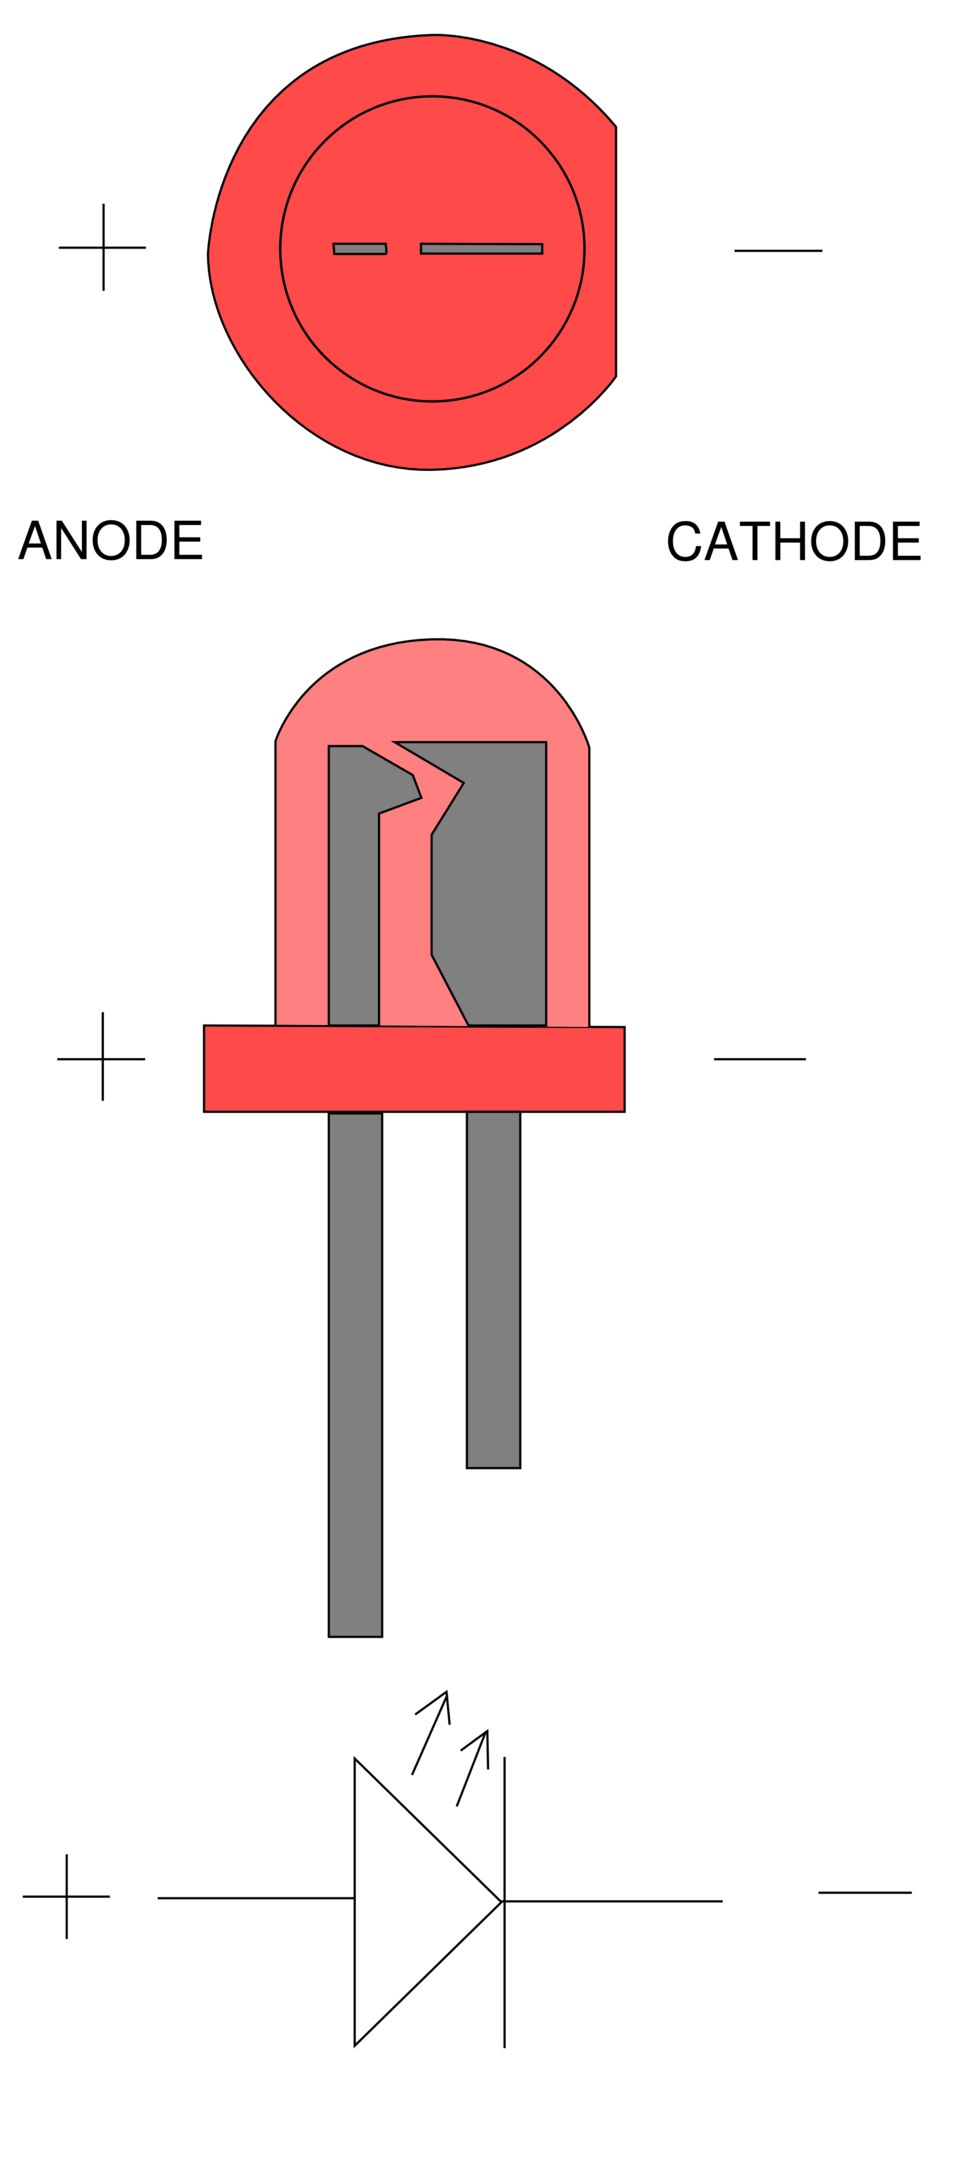 Светодиод на схеме фото